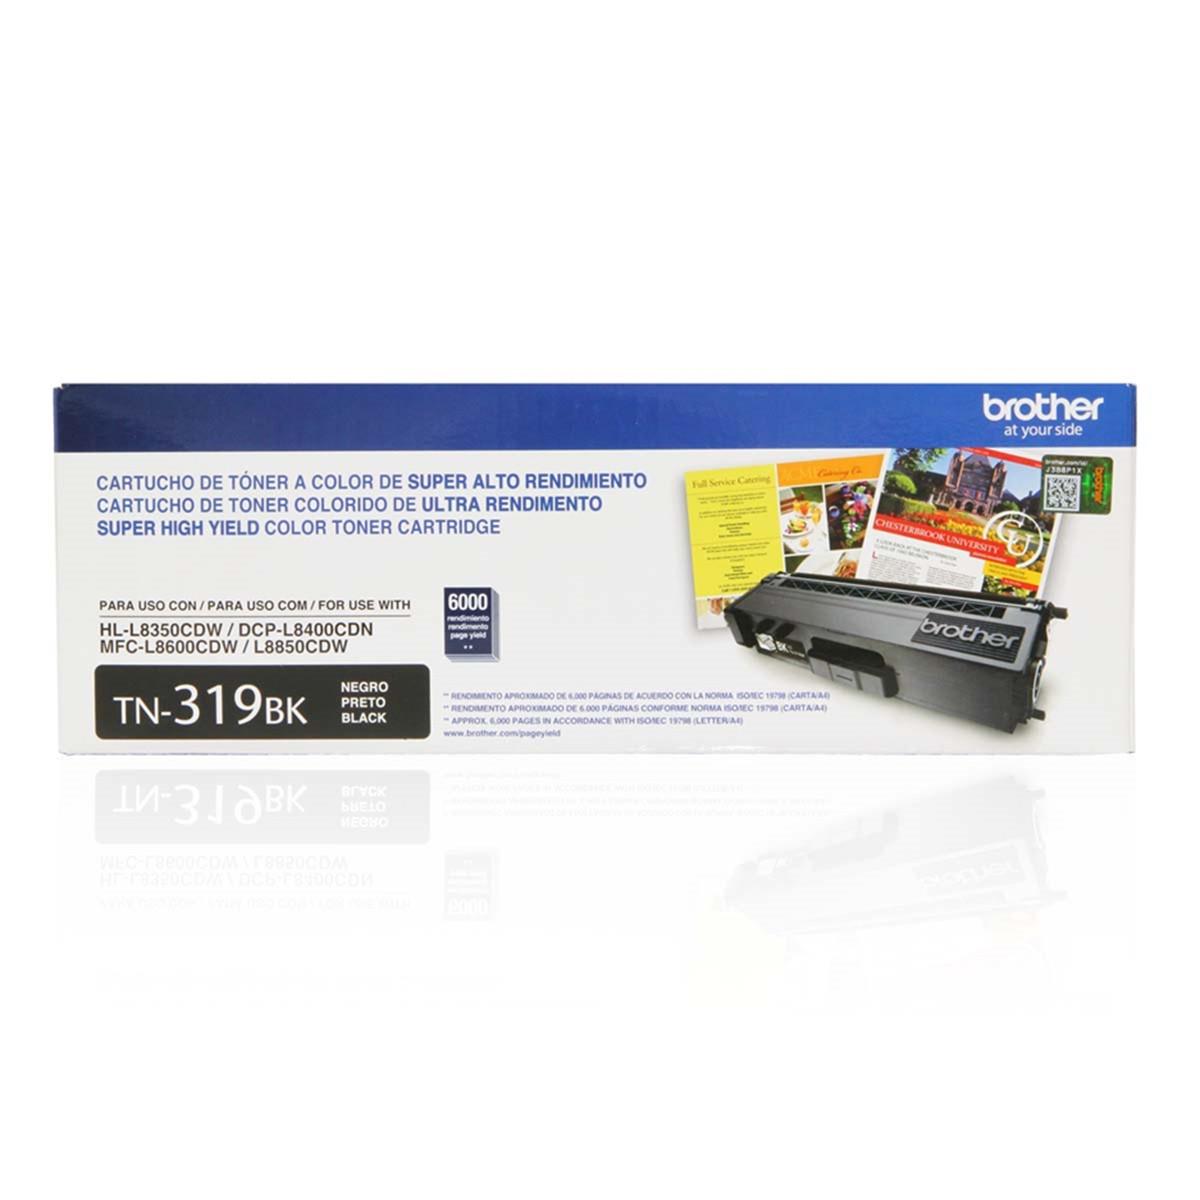 Toner Brother TN-319BK TN319 Preto | DCP-L8400CDN HL-L8350CDW MFC-L8600CDW | Original